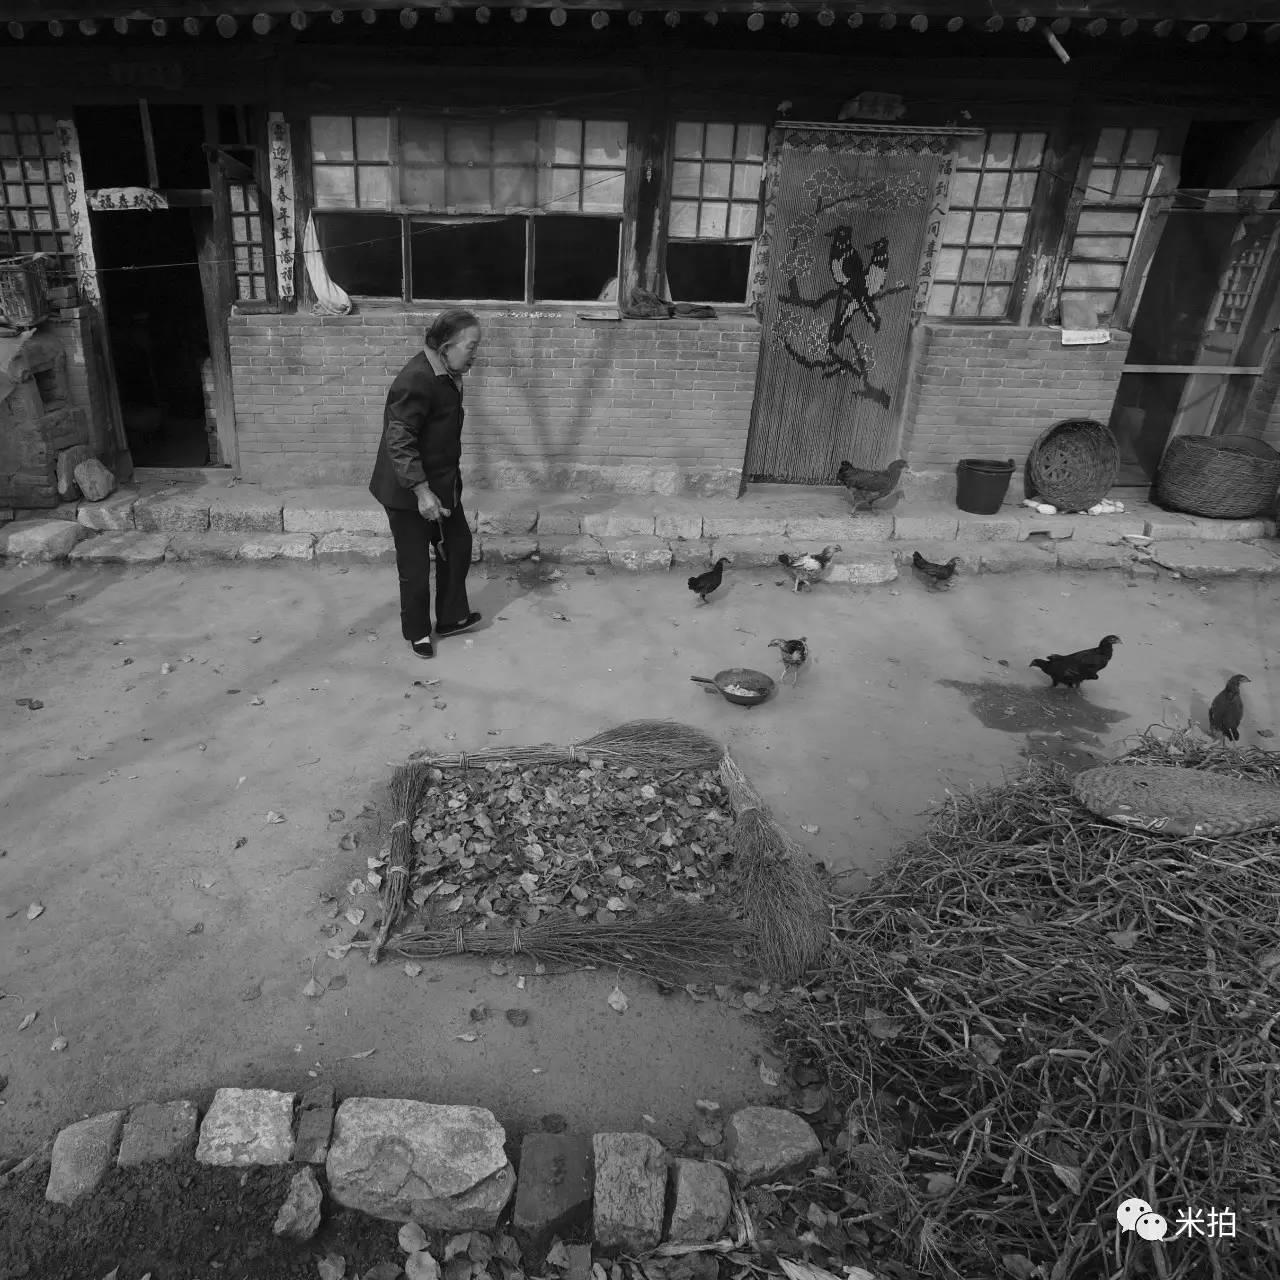 杭州摄影师10年拍摄,慰安妇真实现状,这是部女人的血泪史